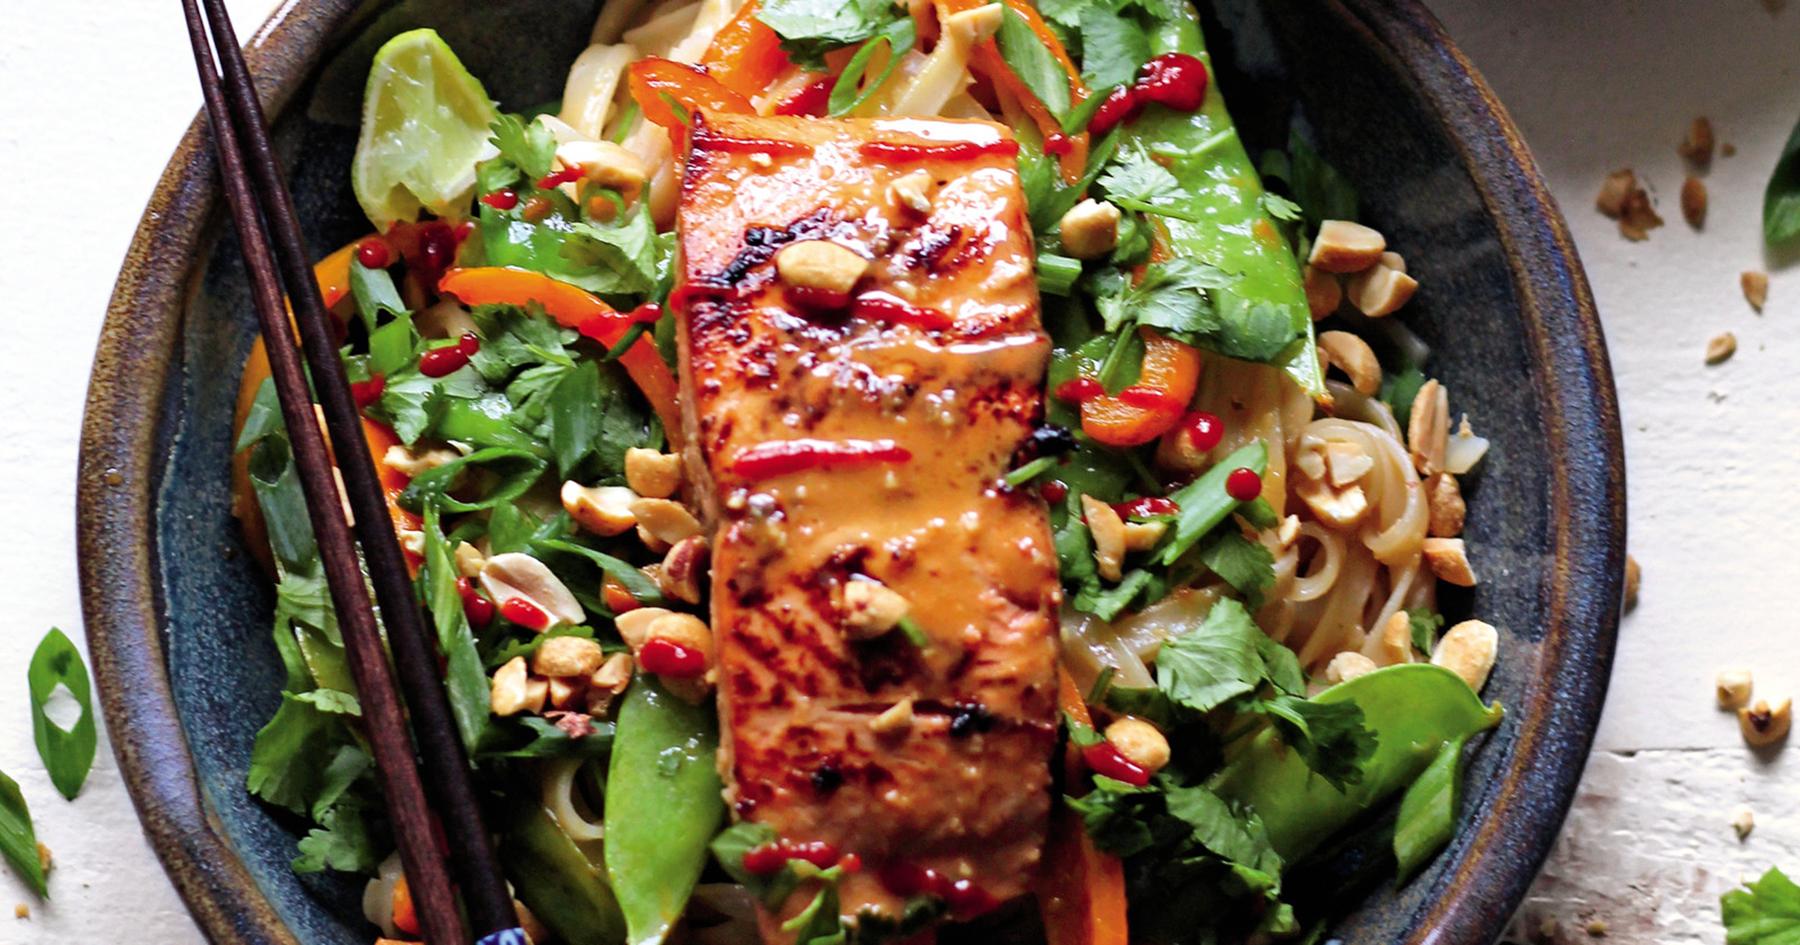 Ginger Peanut Alaska Salmon Noodle Bowl